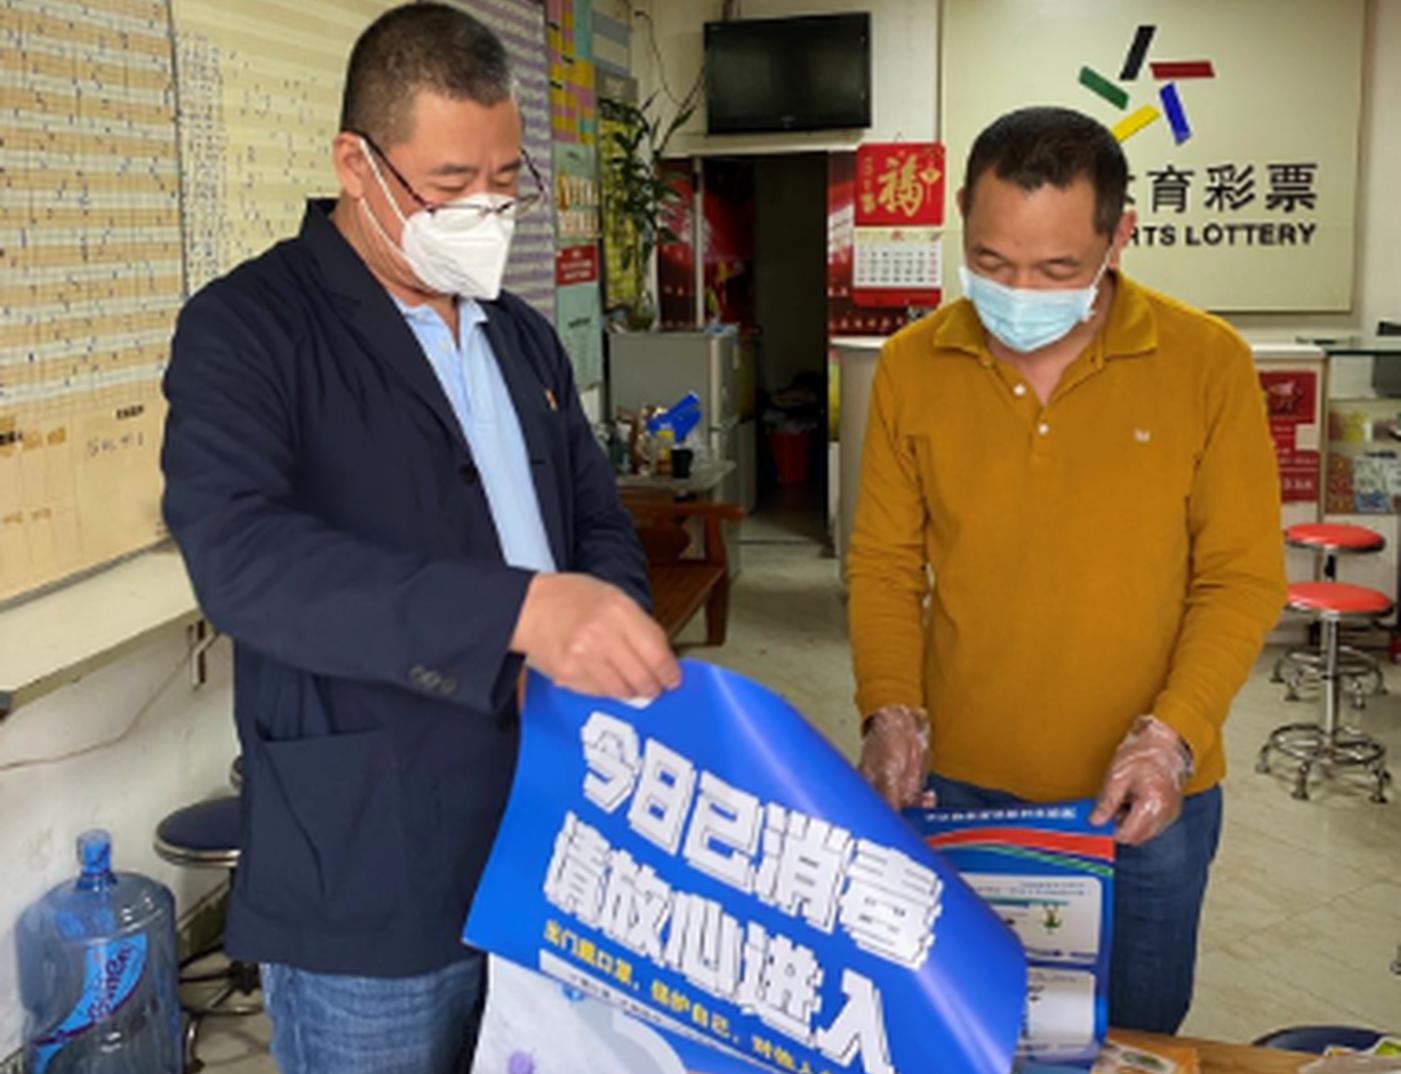 严抓防控迎开市 深圳体彩中心实地检查销售网点